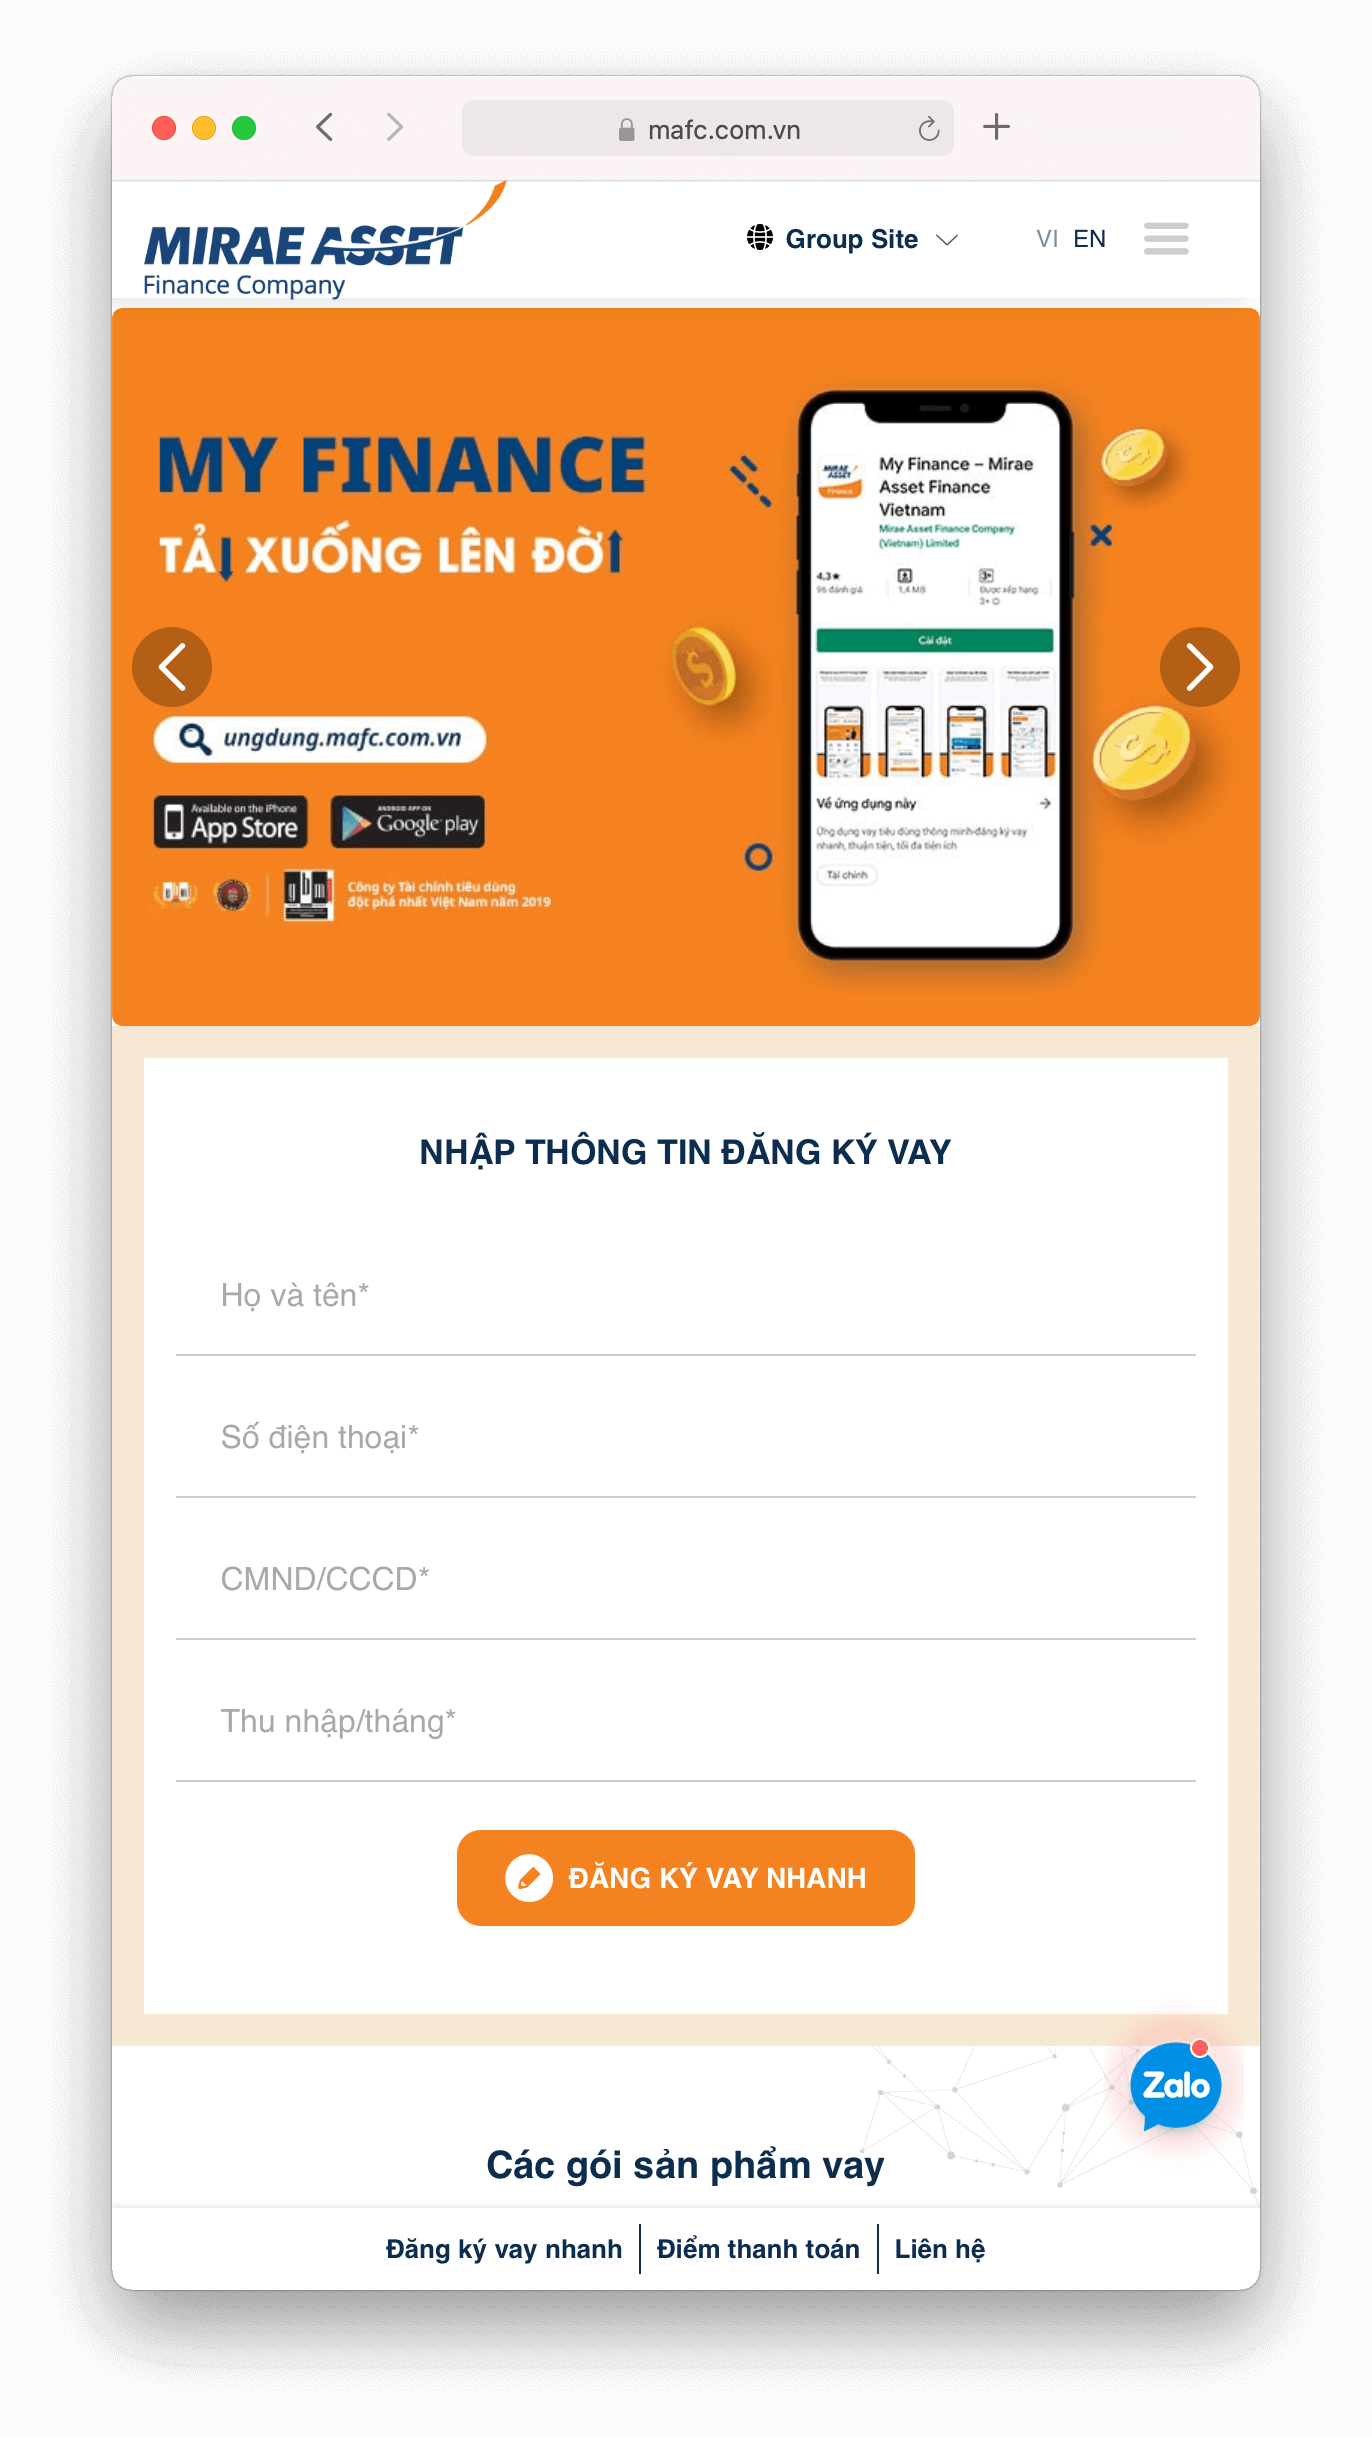 Cách Đăng Ký Vay Tiền Trên Website Tamo